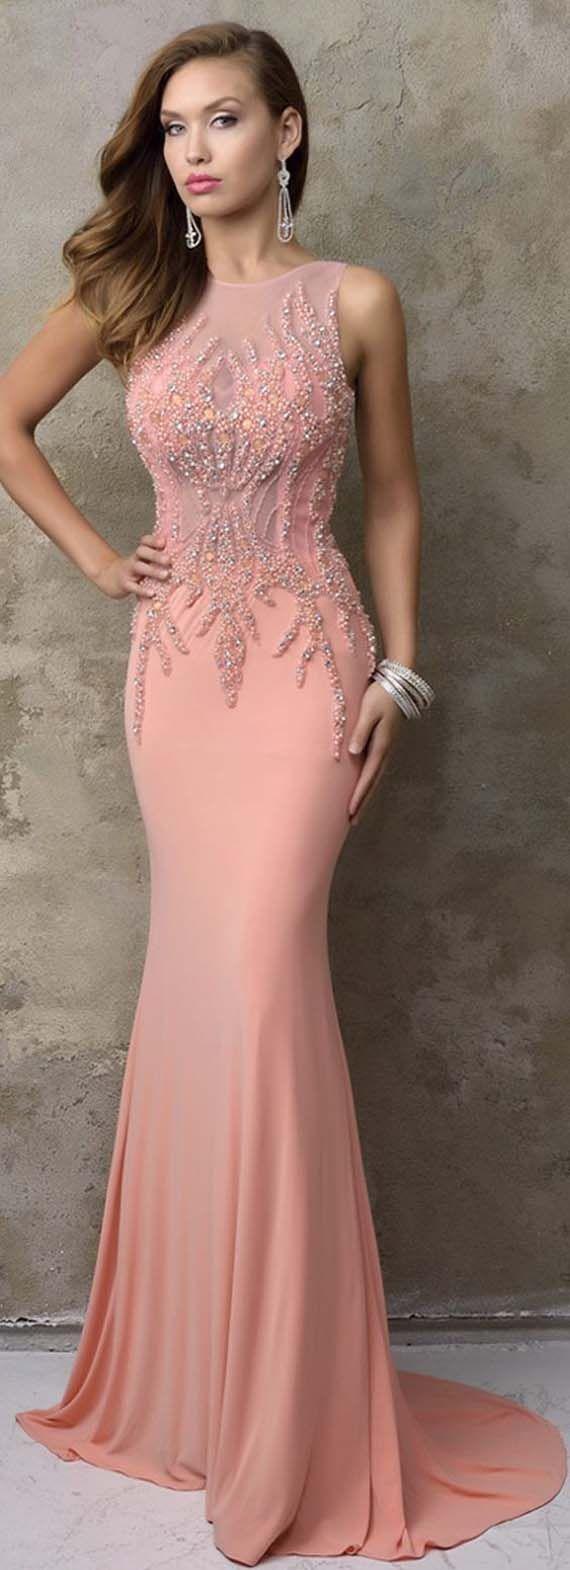 Magnífico Vestidos De Dama Escarlata Imágenes - Ideas de Vestido ...